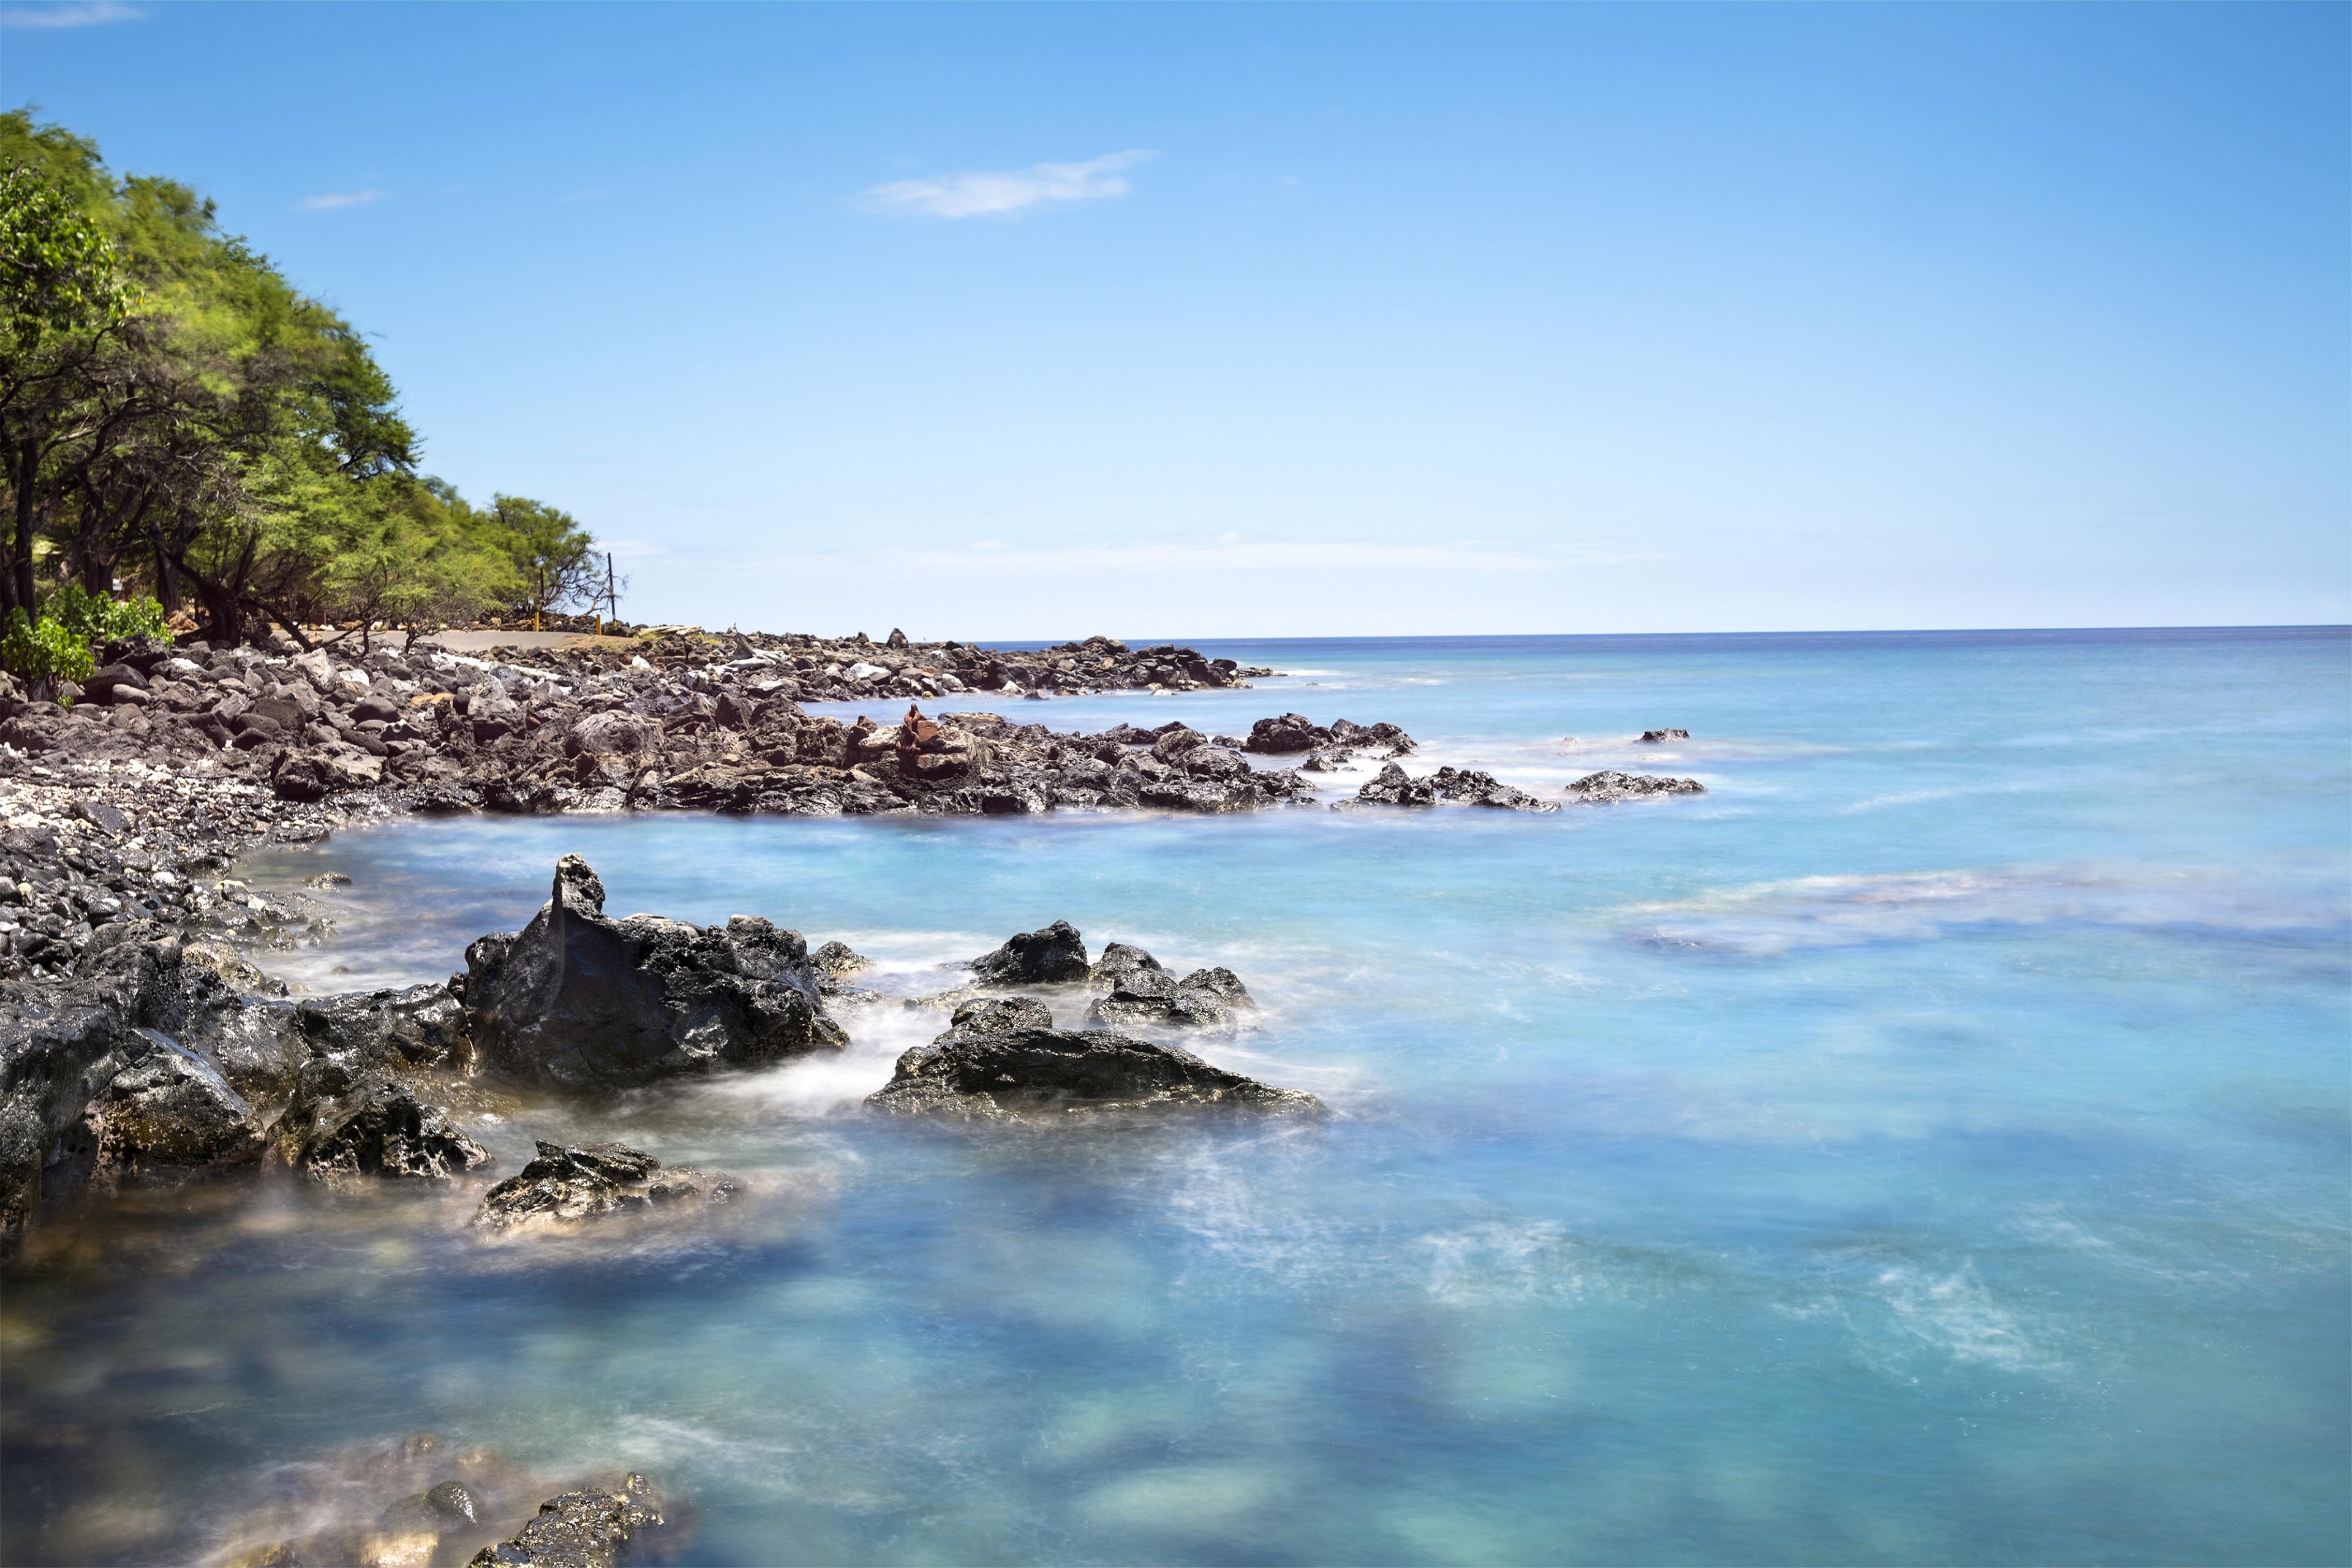 Kona Reef, Historic Kailua Village, Hawaii, United States of America